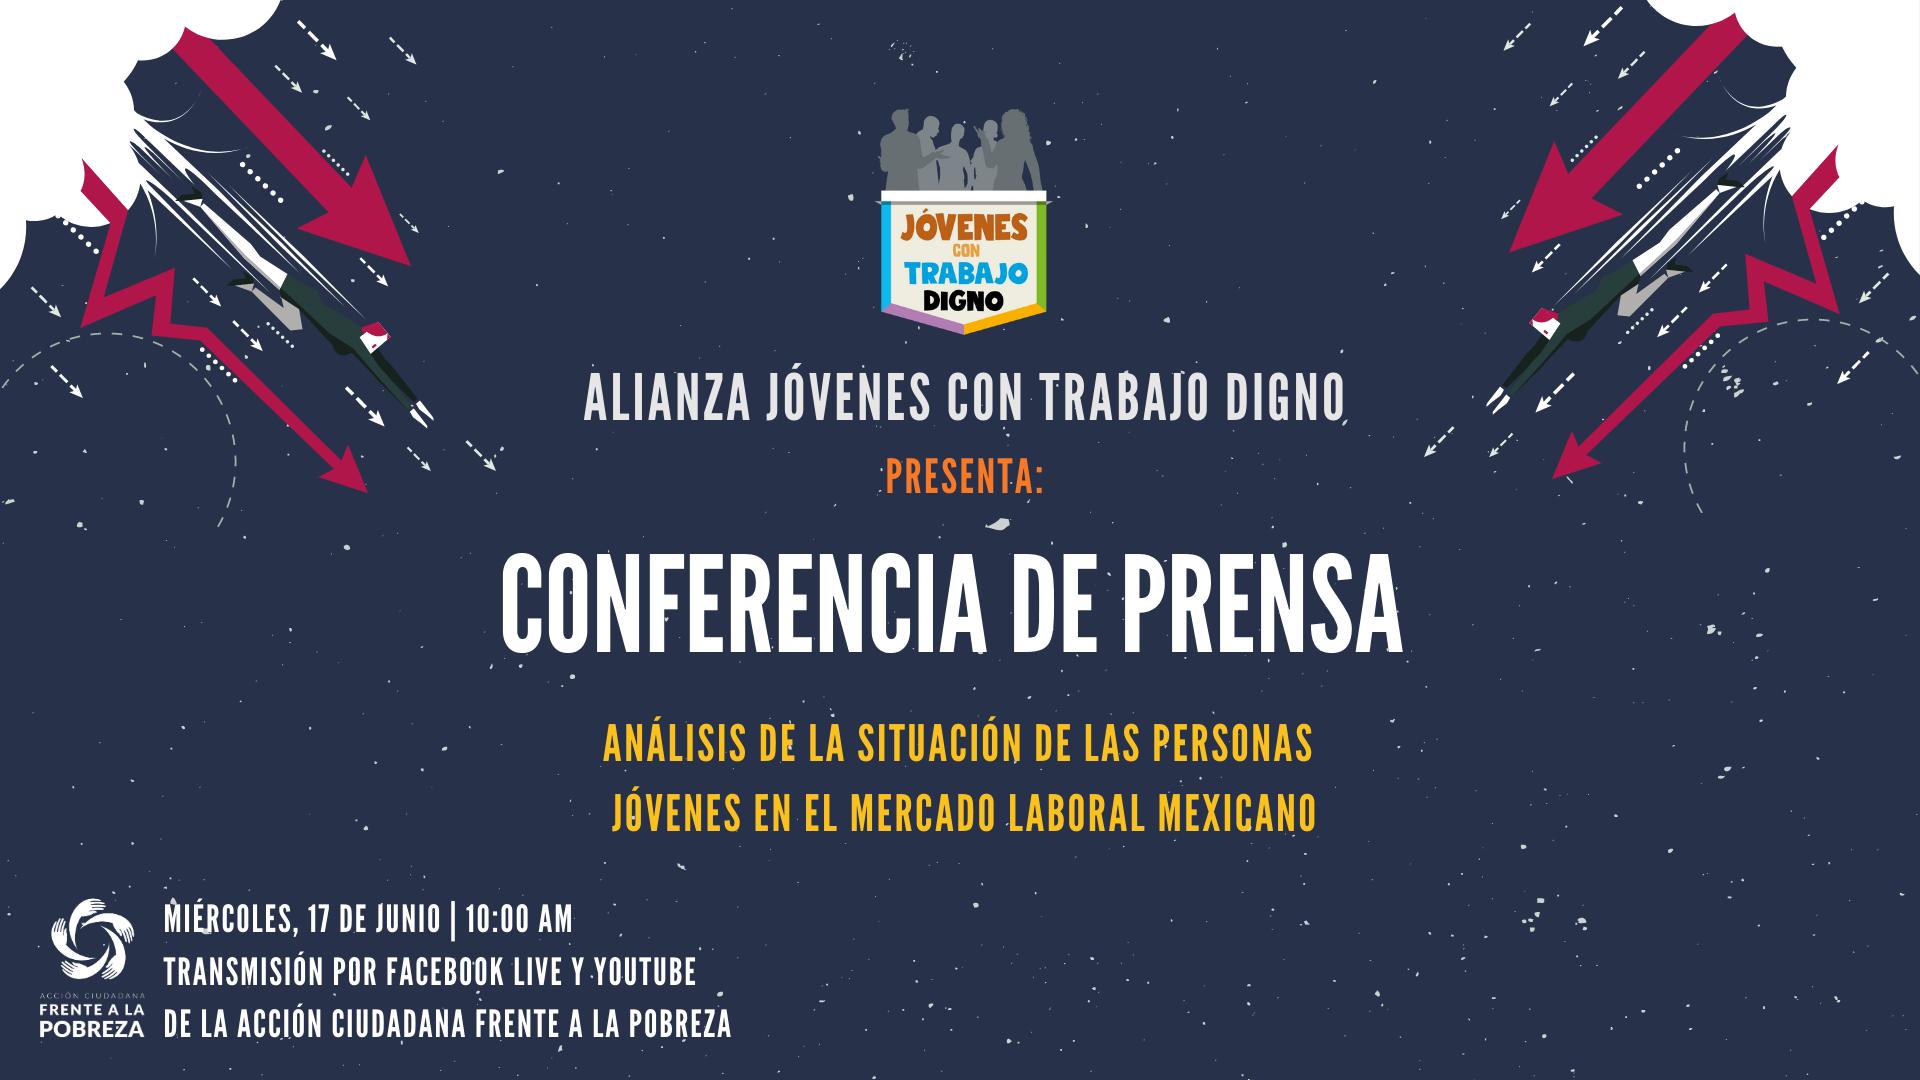 Conferencia de prensa |Alianza Jóvenes con Trabajo Digno